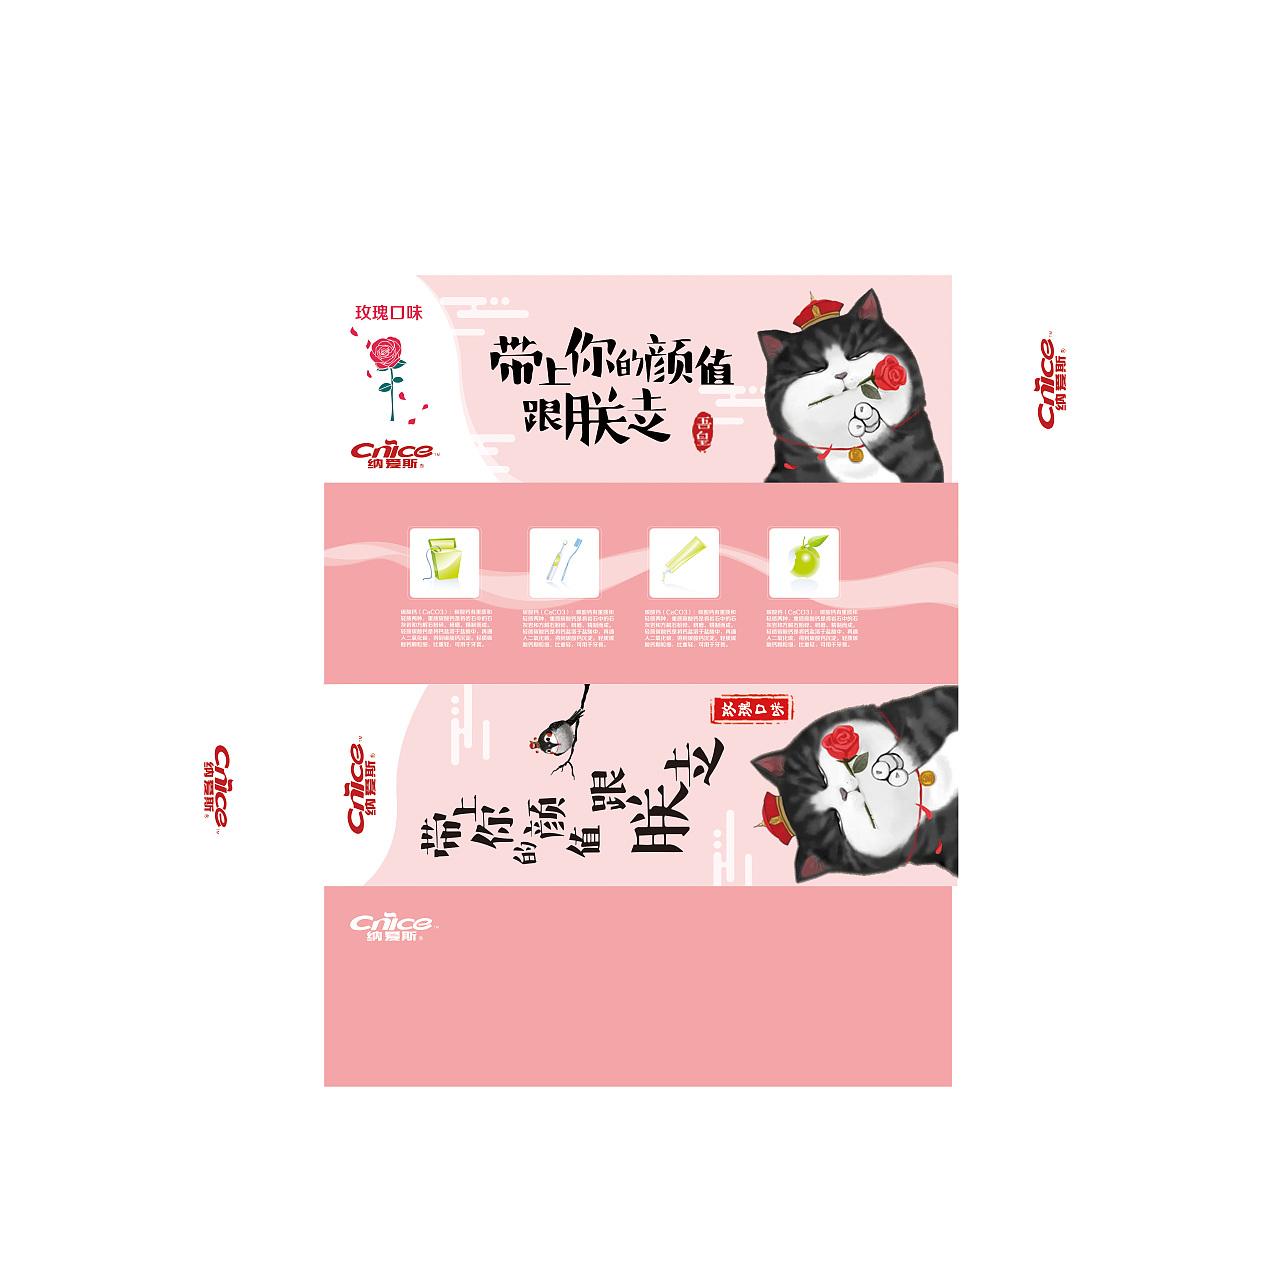 吾皇万岁表情_吾皇万岁牙膏盒-包装|平面|包装|魚板 - 原创作品 - 站酷 (ZCOOL)